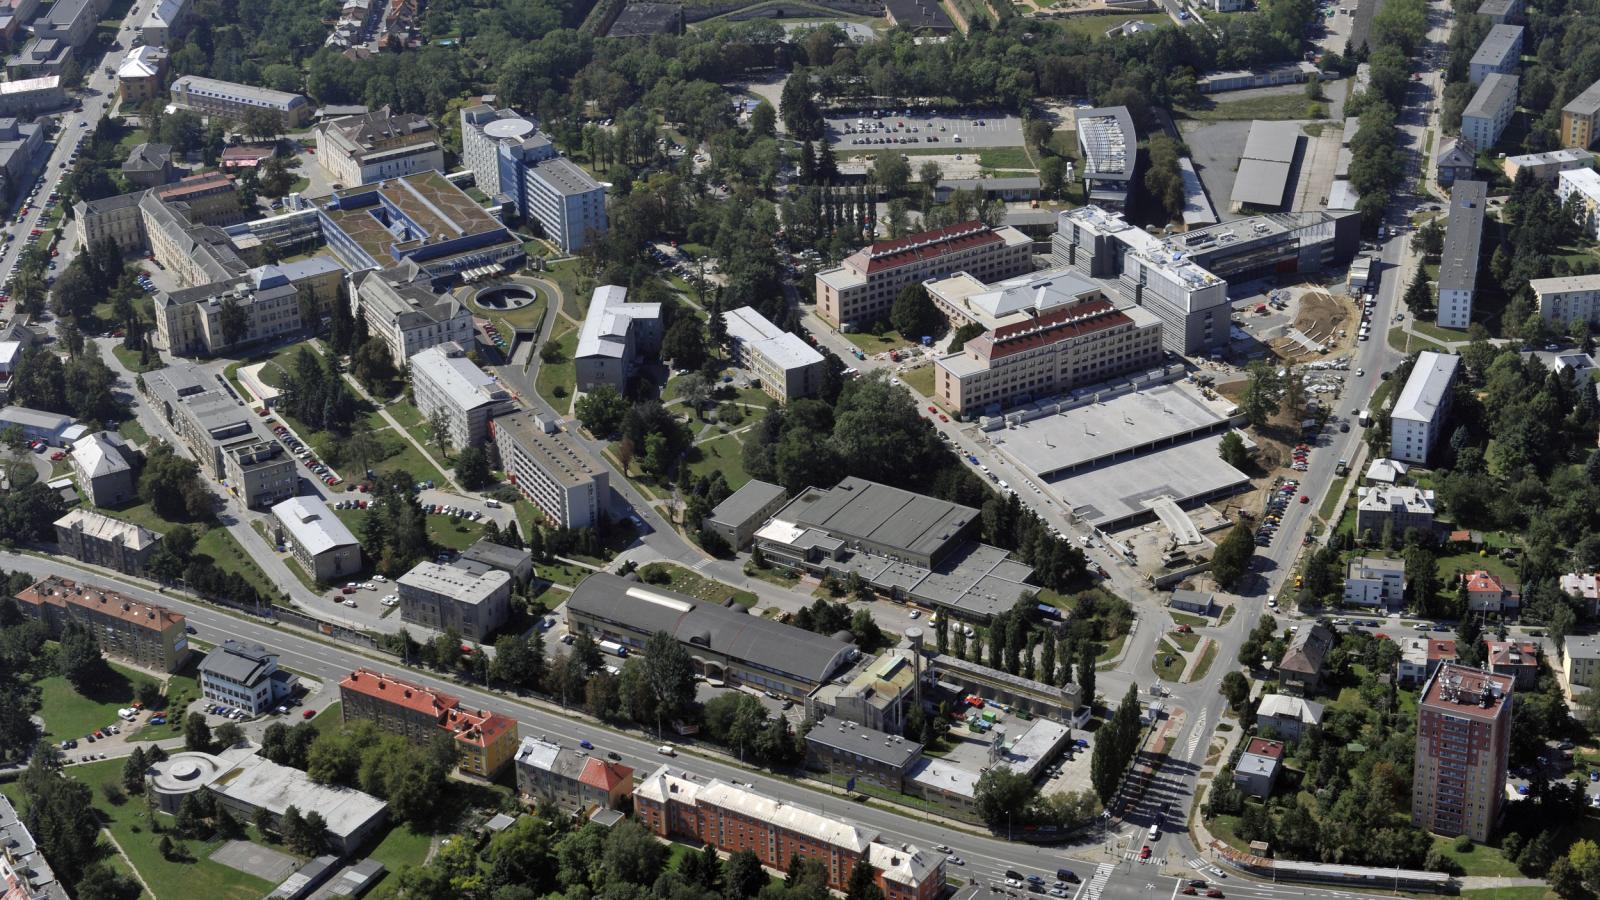 Areál Fakultní nemocnice v Olomouci - letecký snímek